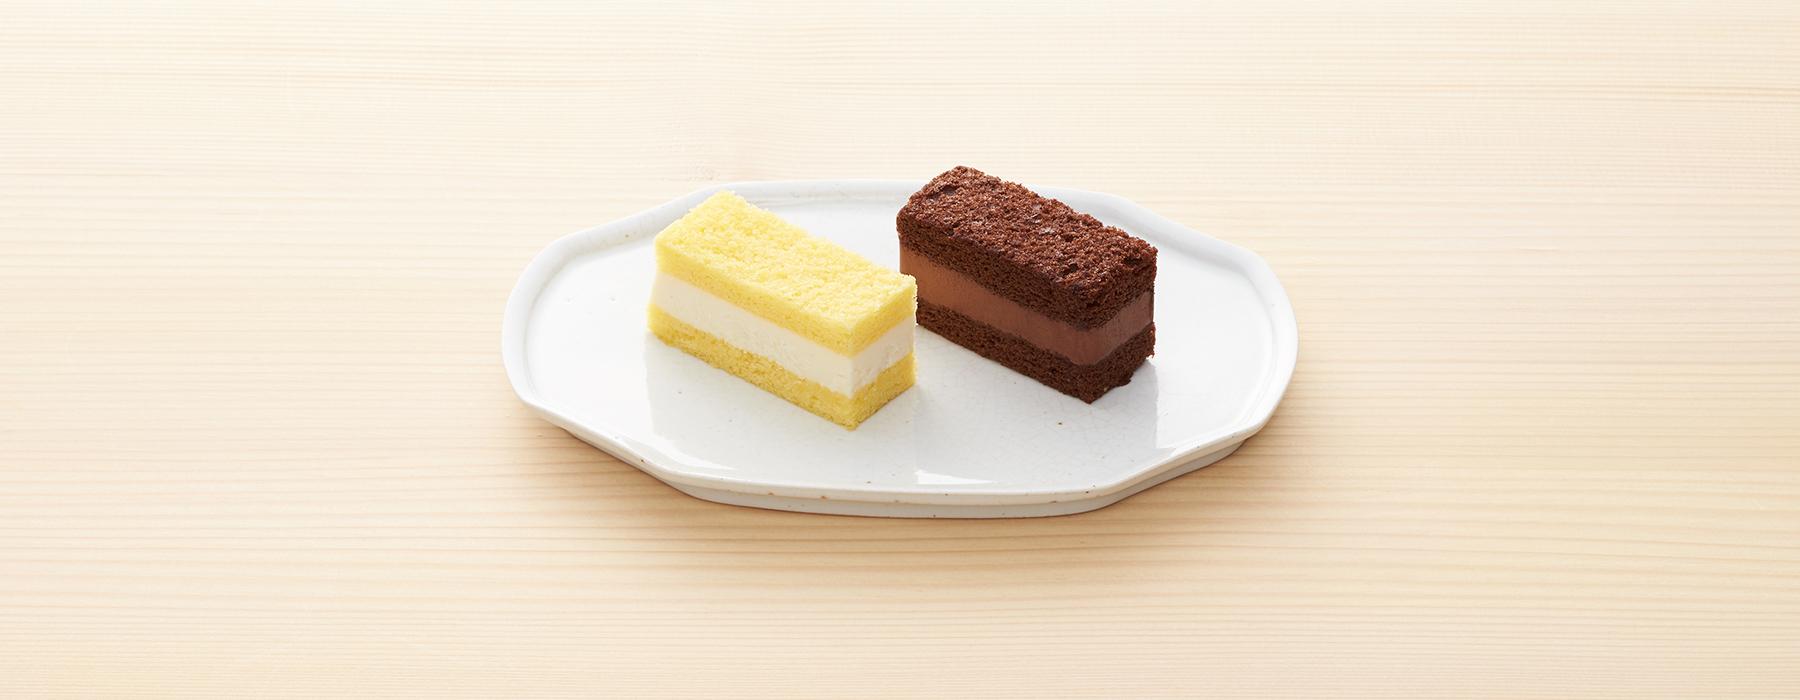 冬のクリームサンドケーキ